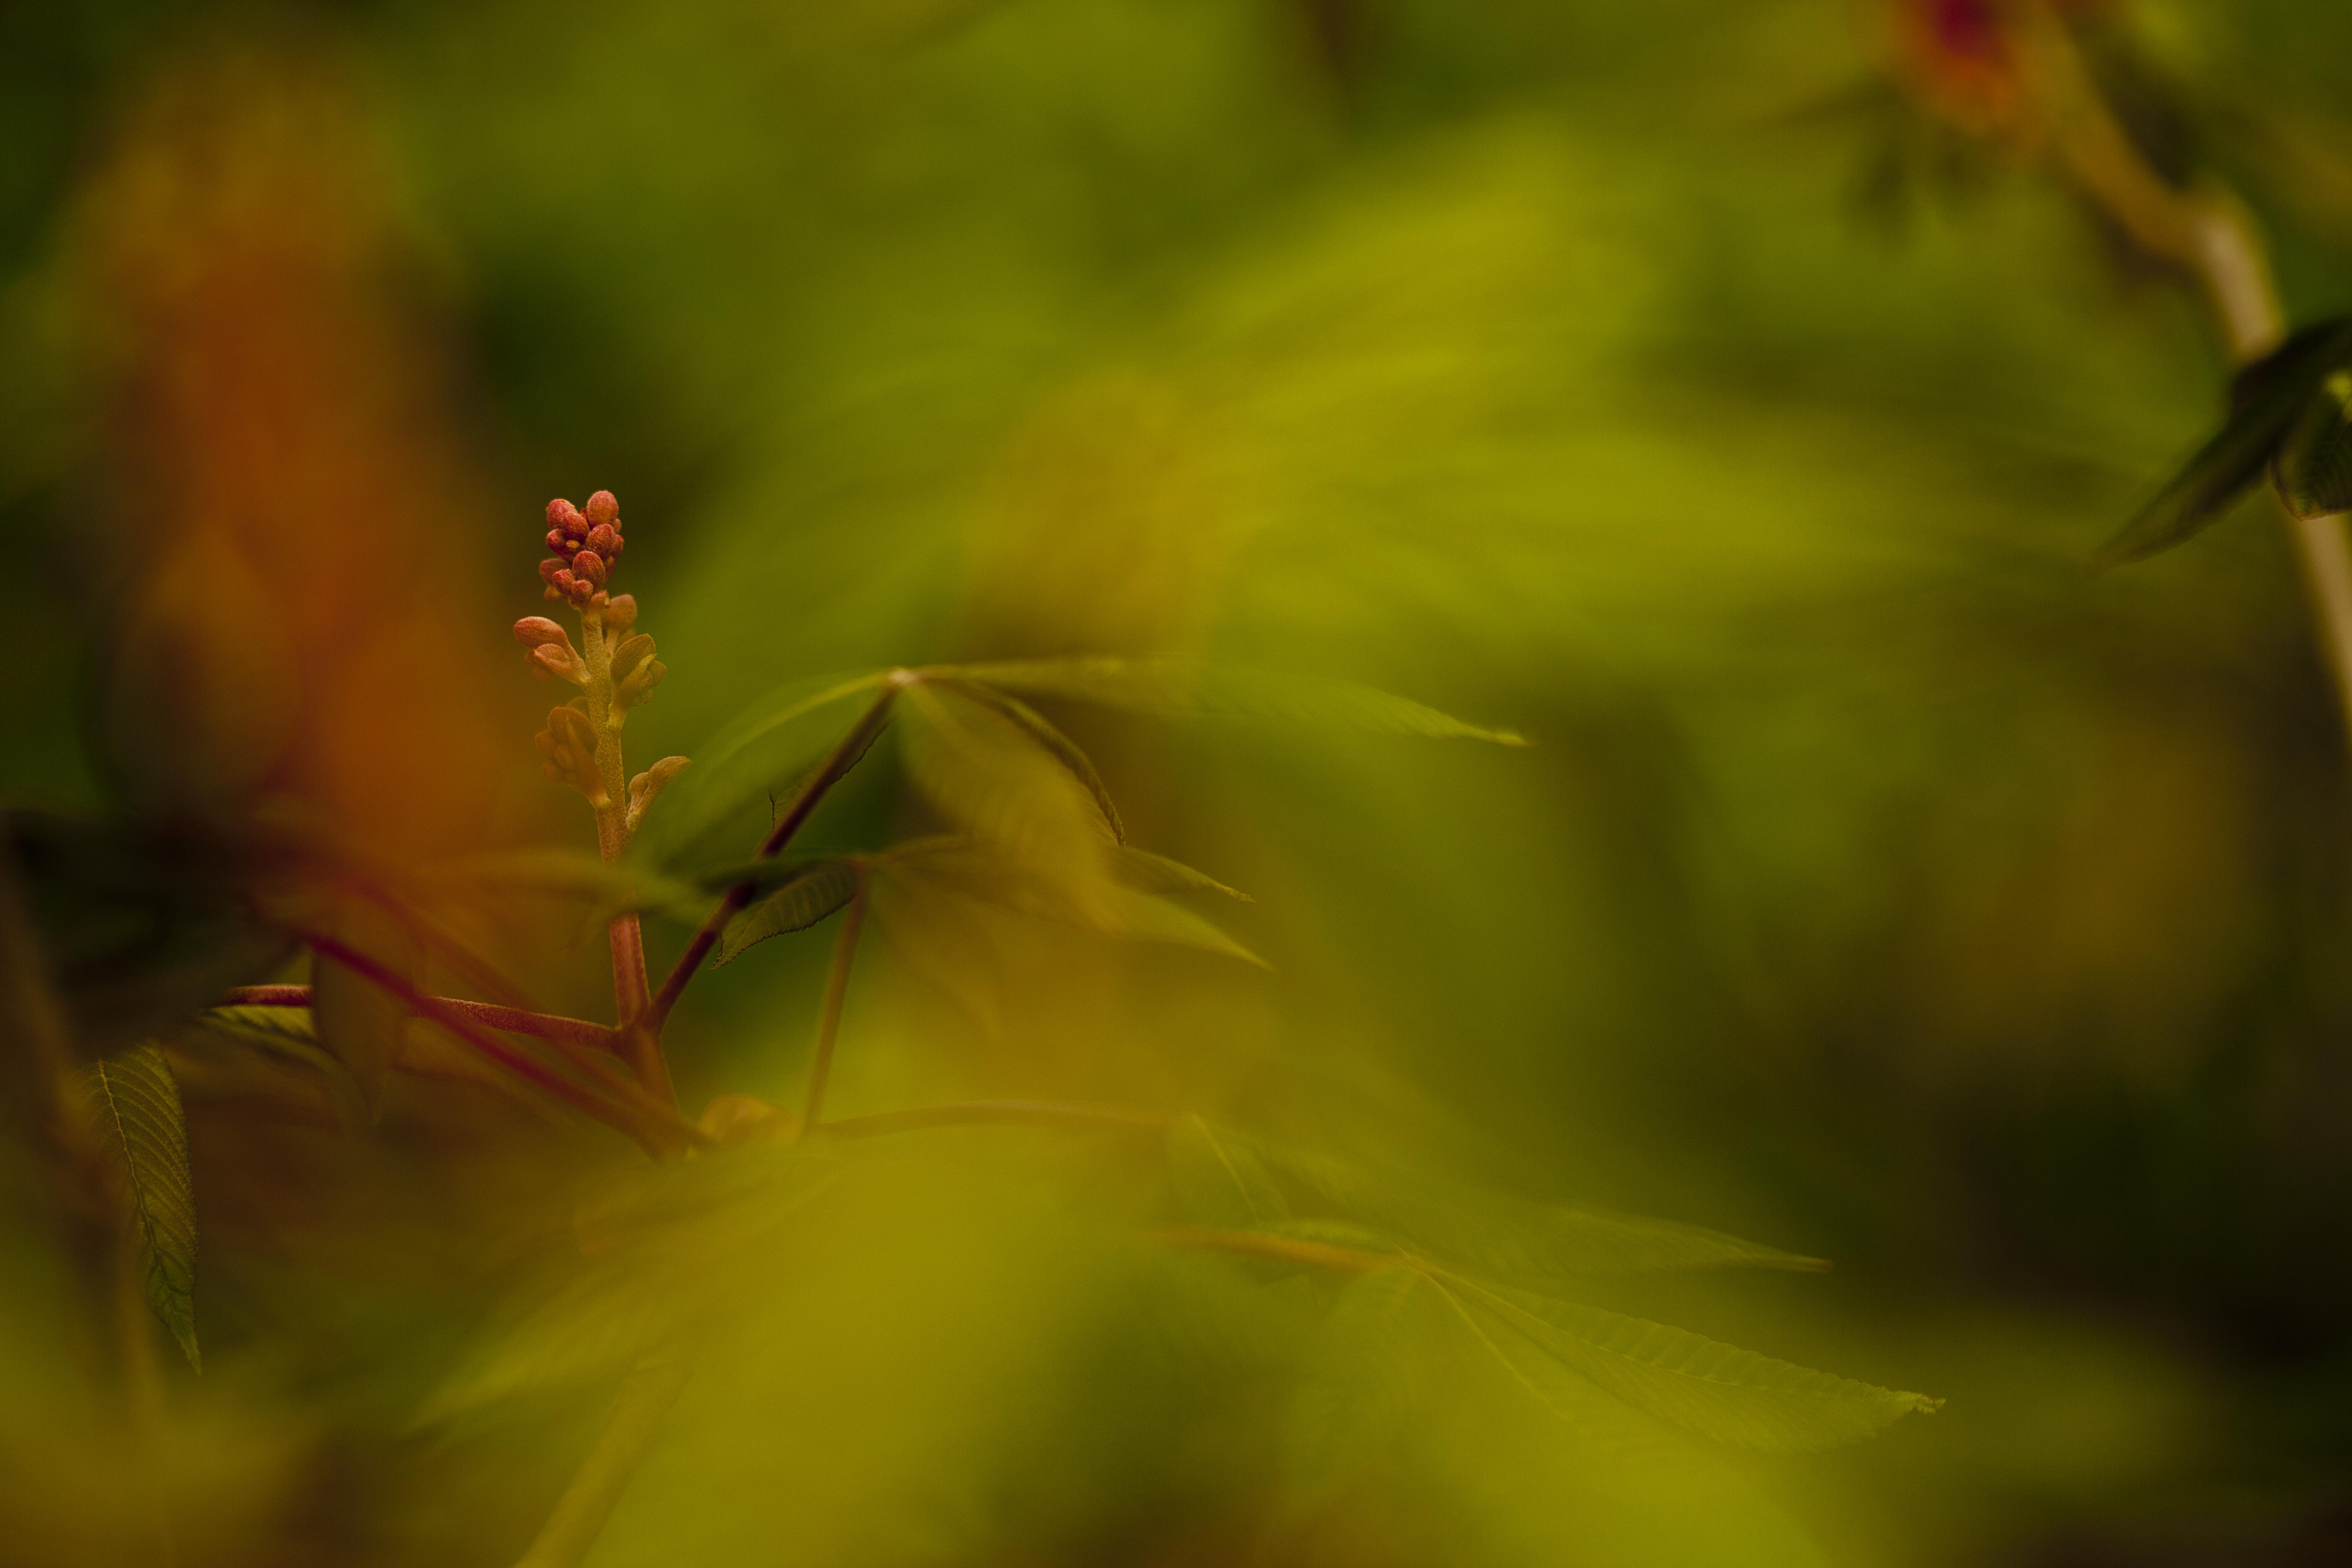 Wallpaper Sunlight Garden Nature Red Grass Branch